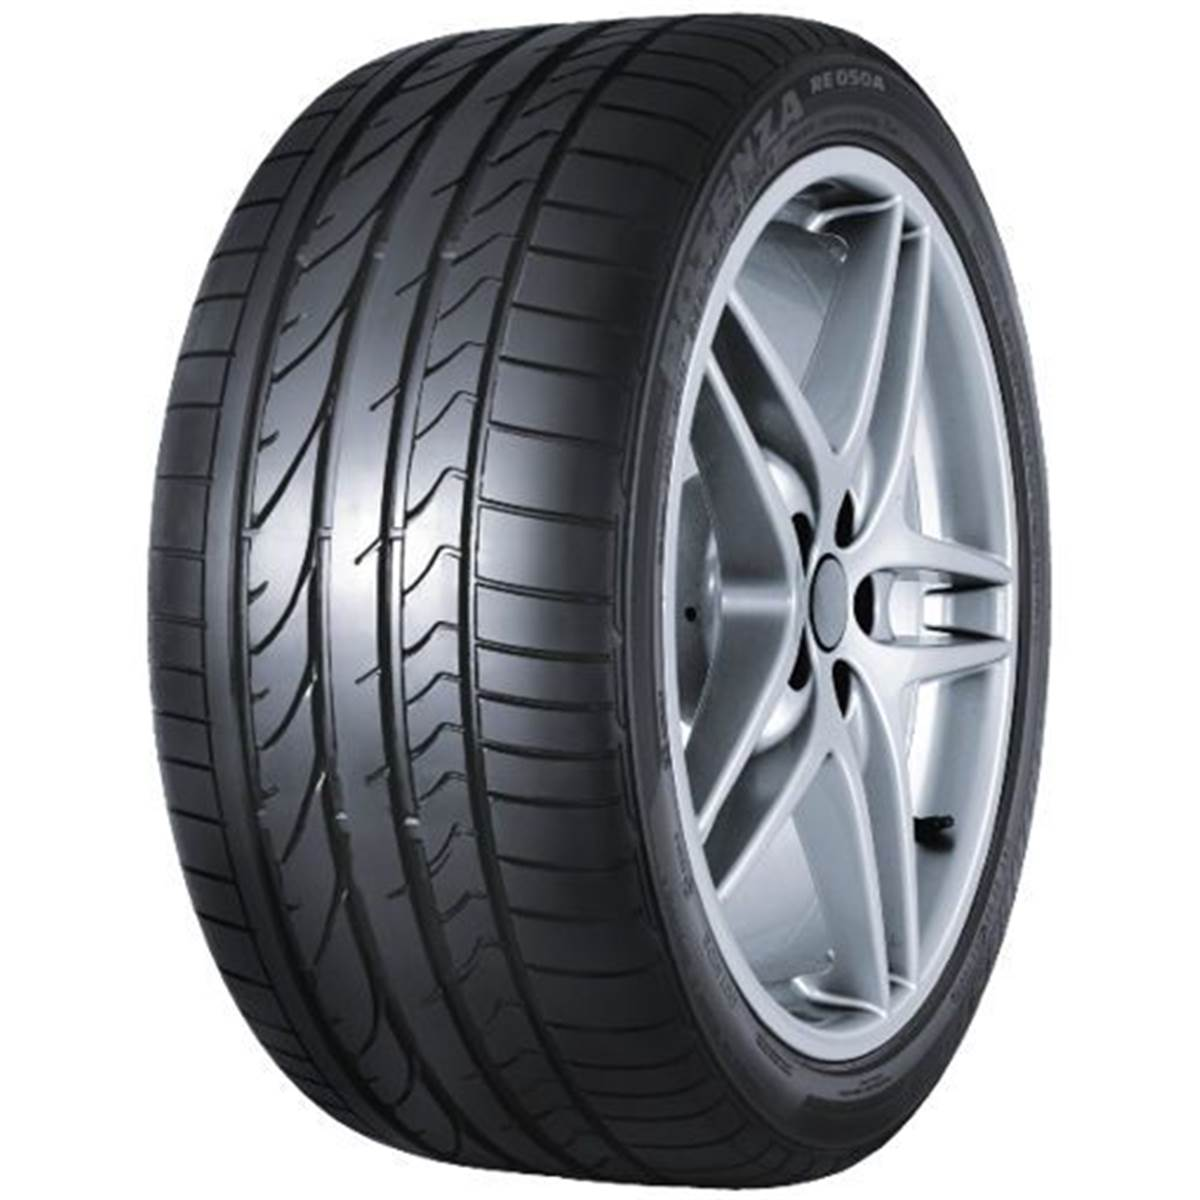 Pneu Bridgestone 345/35R19 110Y Potenza Re050A